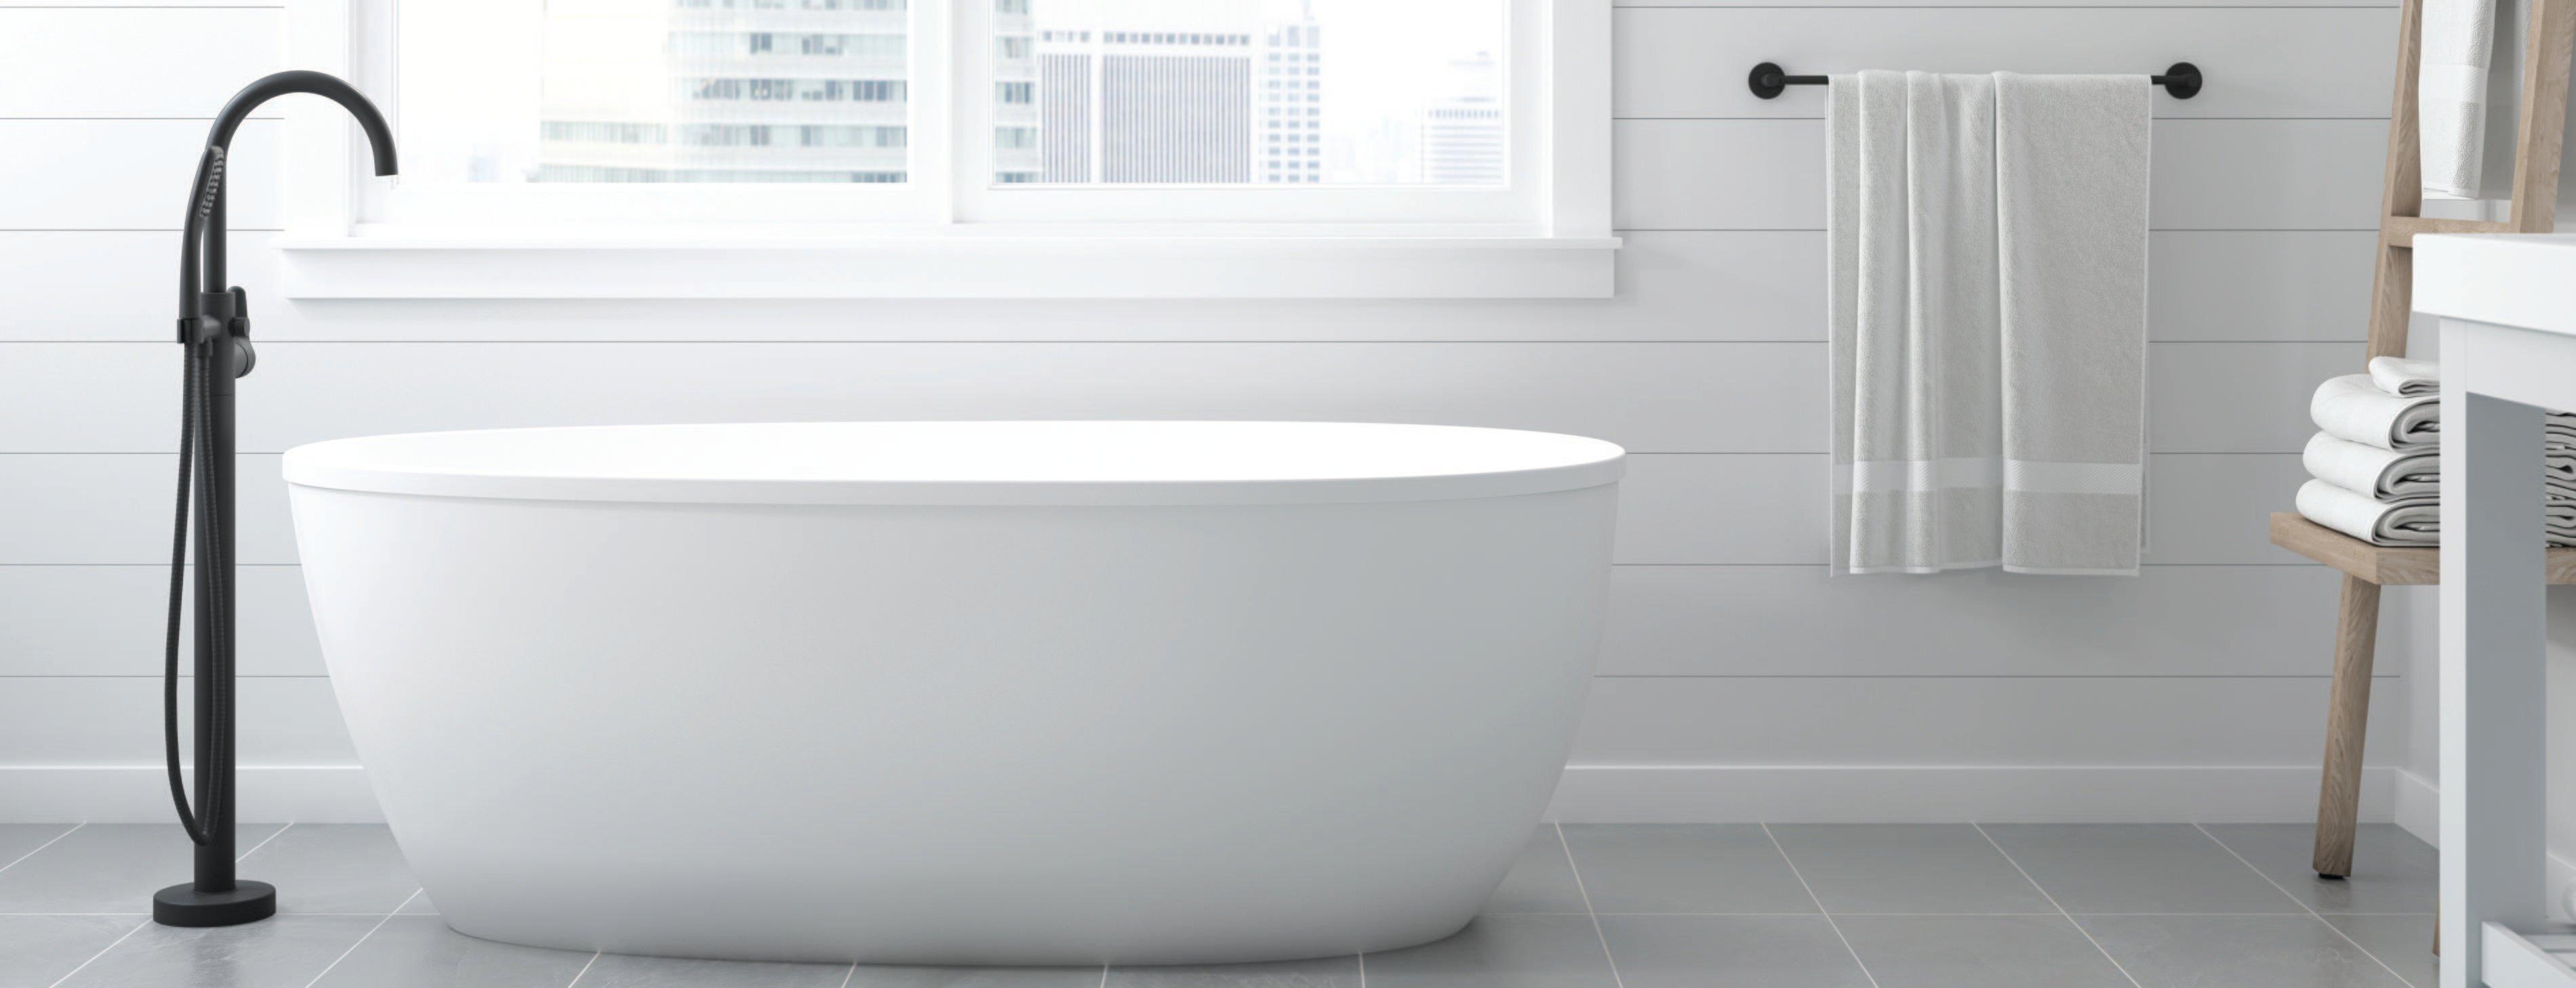 Signature Baths, bathtubs, walk in tub with shower